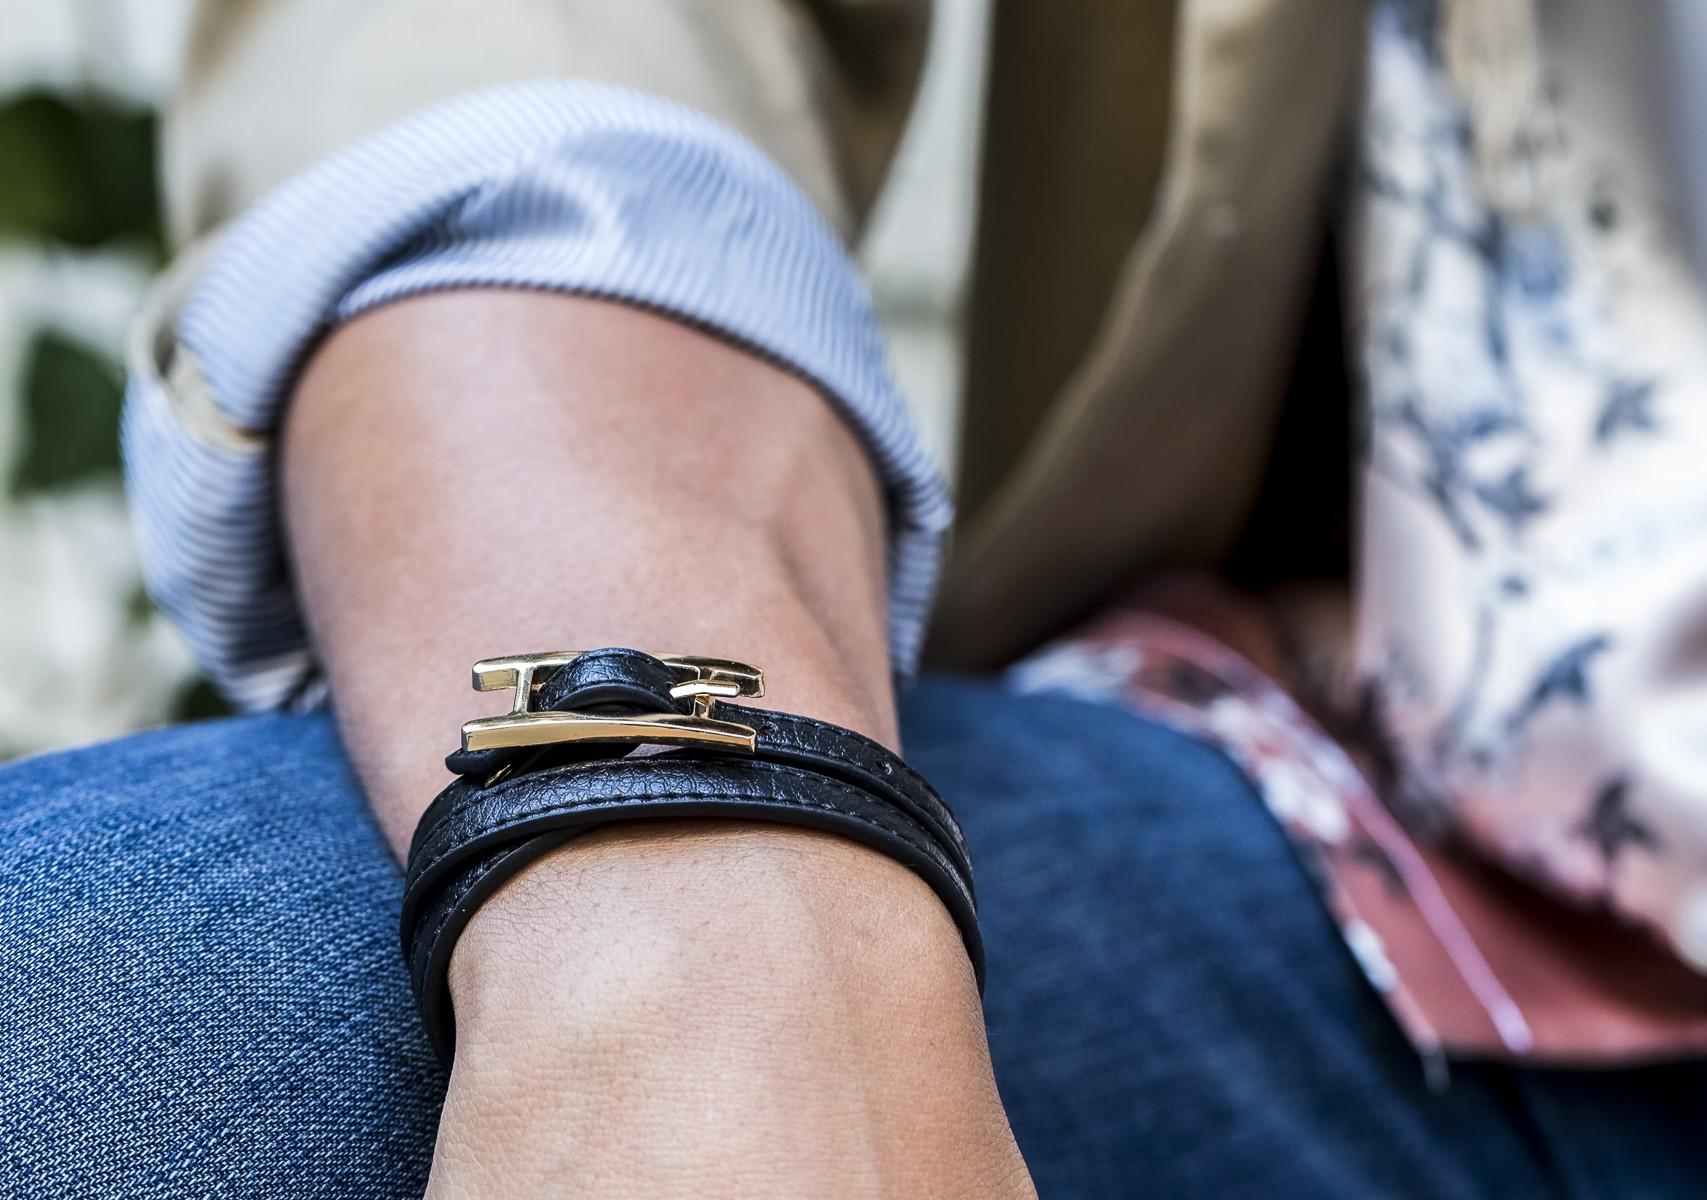 Men's Wrap Bracelet with Buckle Accent